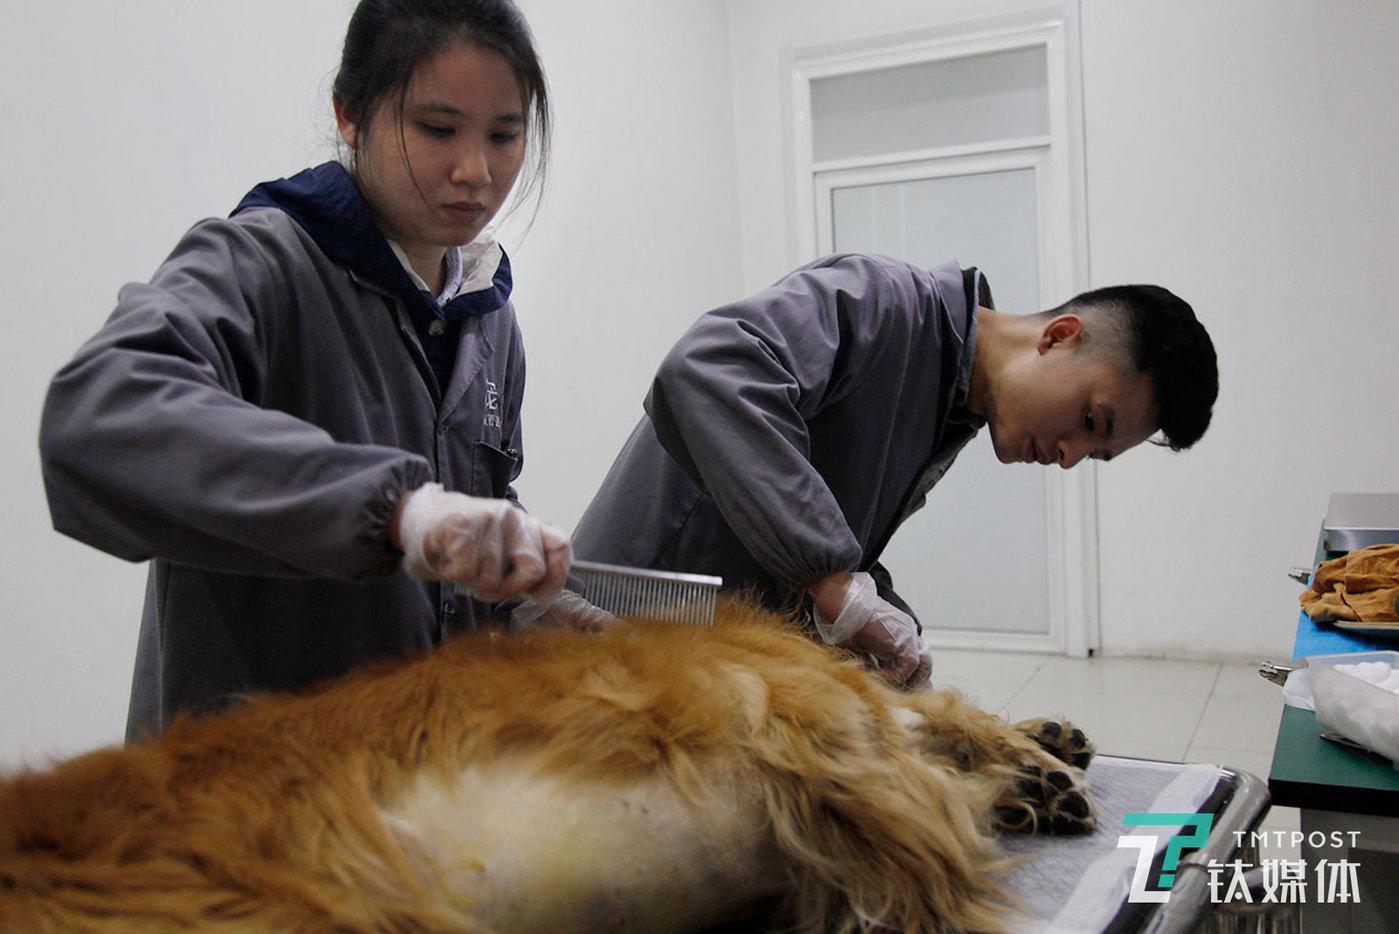 """莫莫和同事在清理一只死亡宠物犬的毛发。""""为宠物做殡葬是一段关系的善始善终。""""莫莫对钛媒体《在线》说,她理解生命的珍贵,就更觉得生命的平等,""""宠物只是不会说话而已,但其实它们什么都懂,它们值得被善待,它们应该干干净净地离开。"""""""